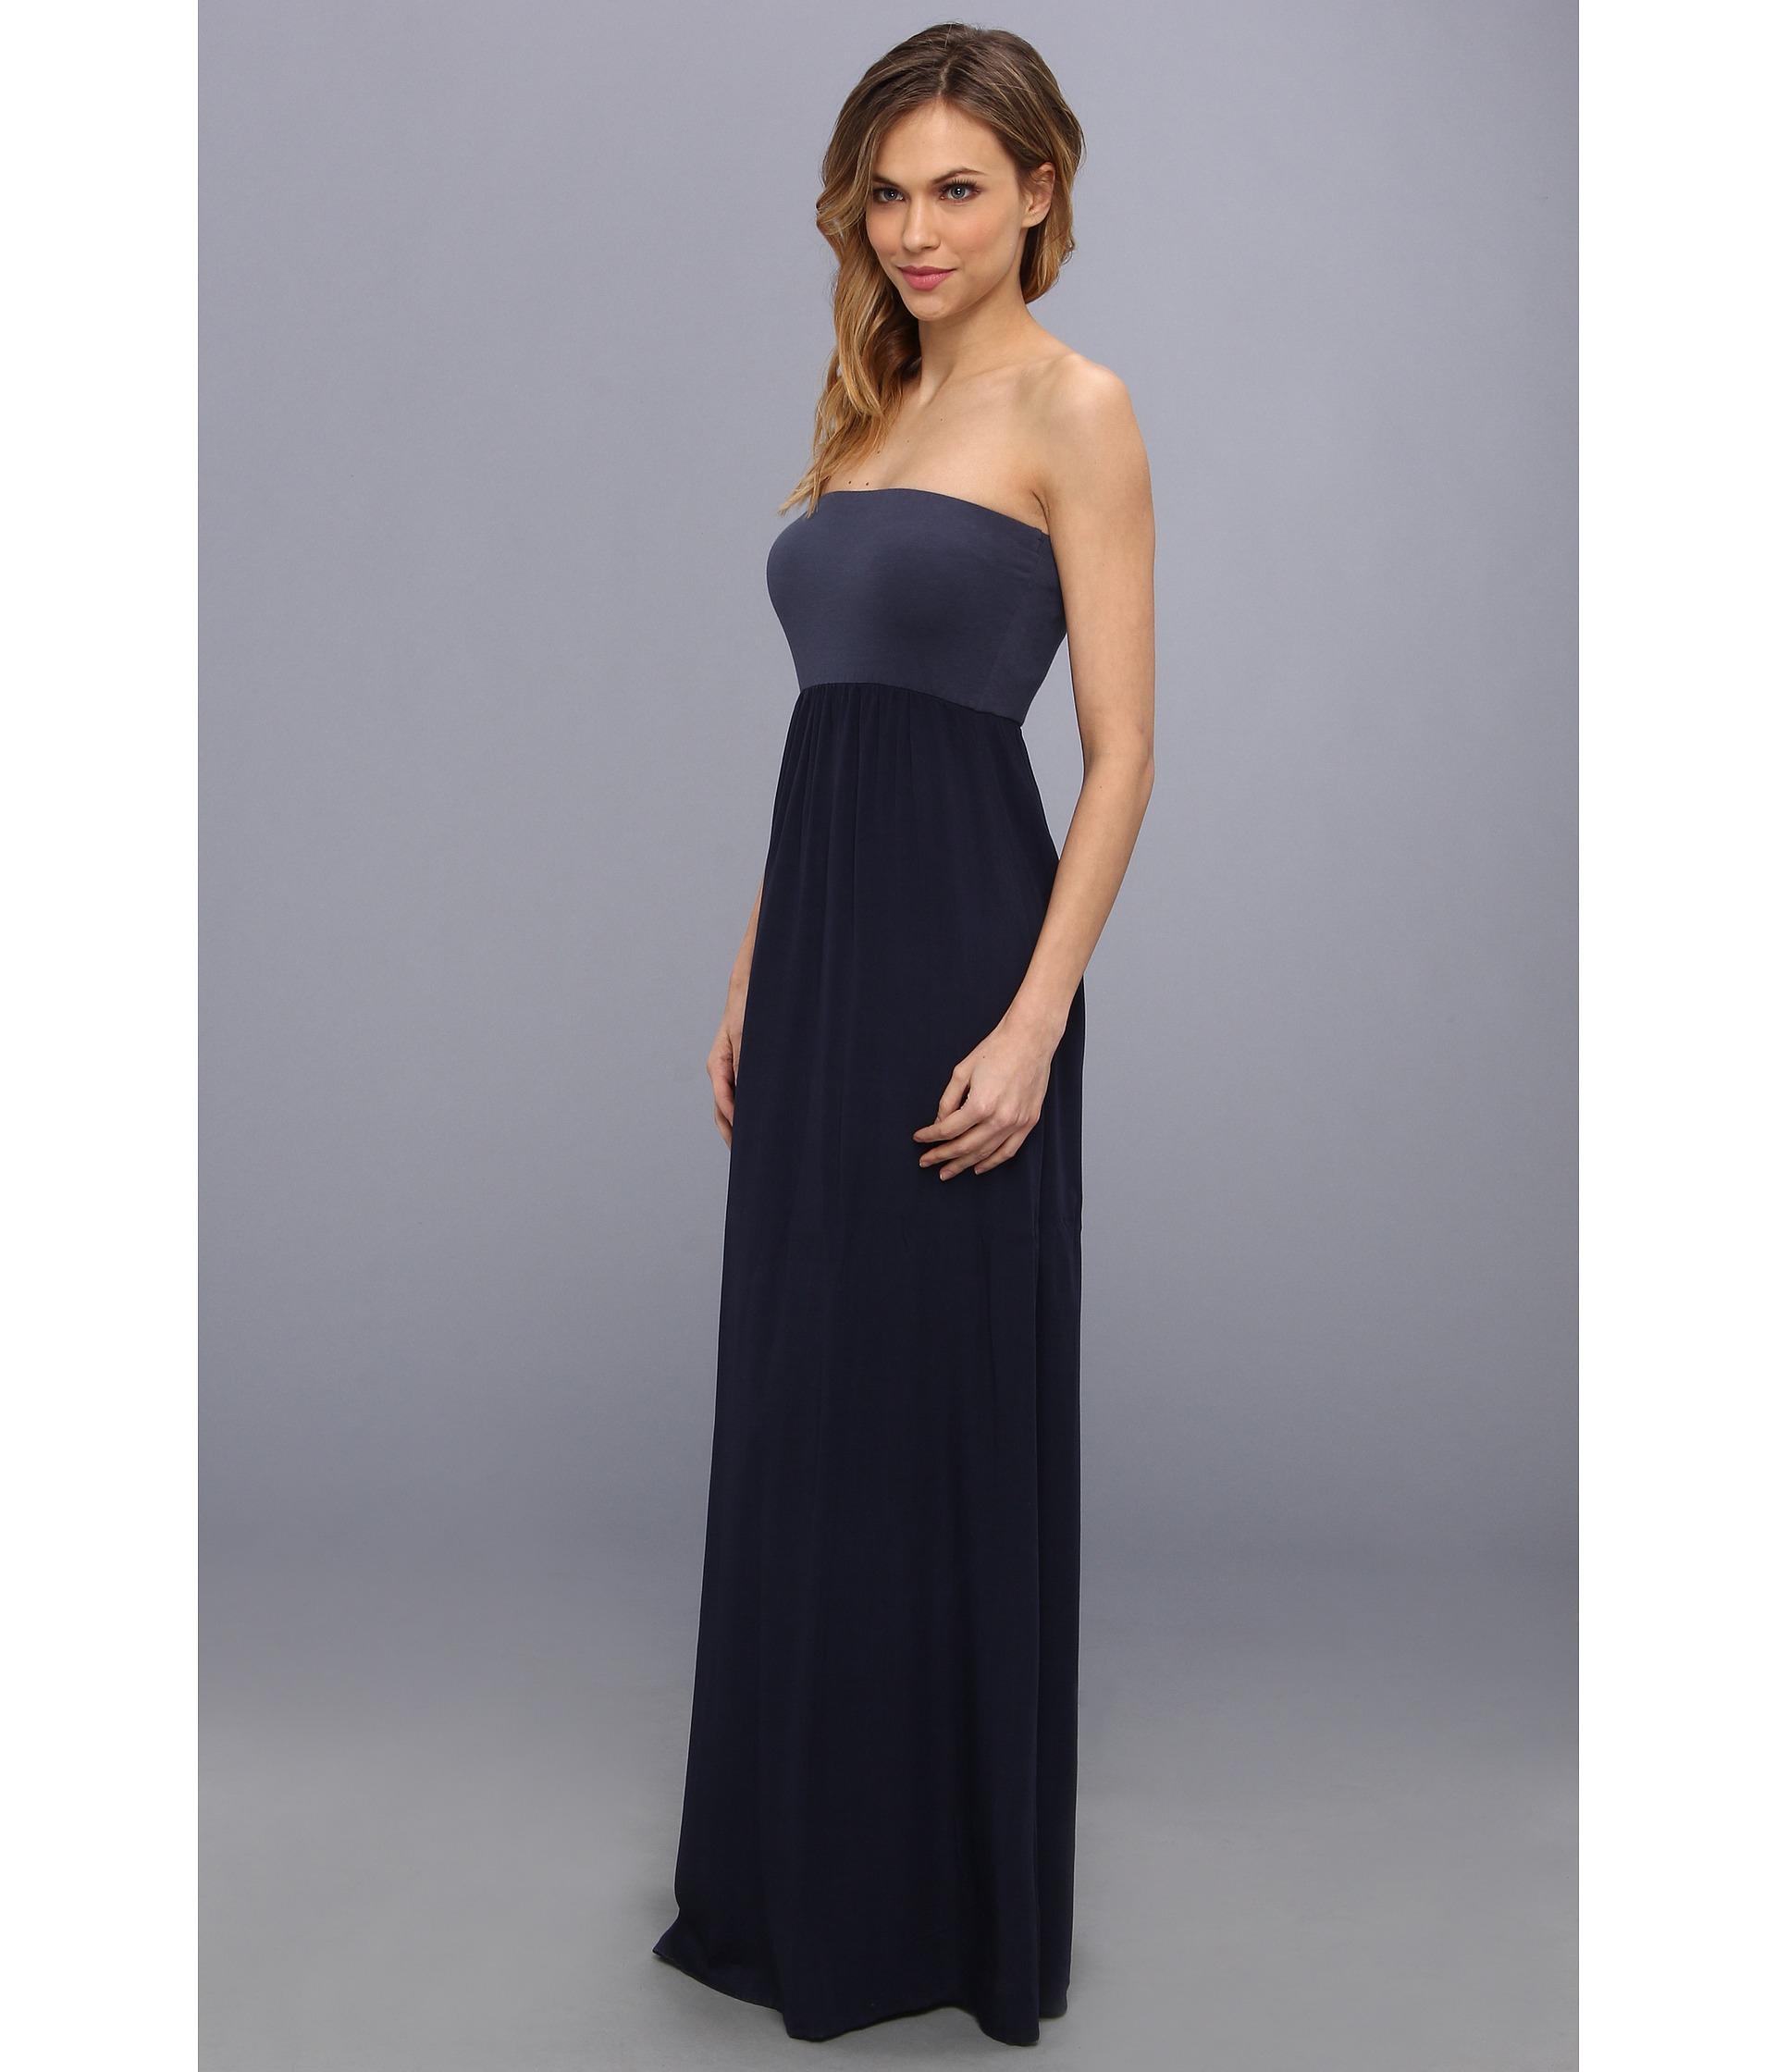 Splendid Tube Top Maxi Dress in Blue  Lyst